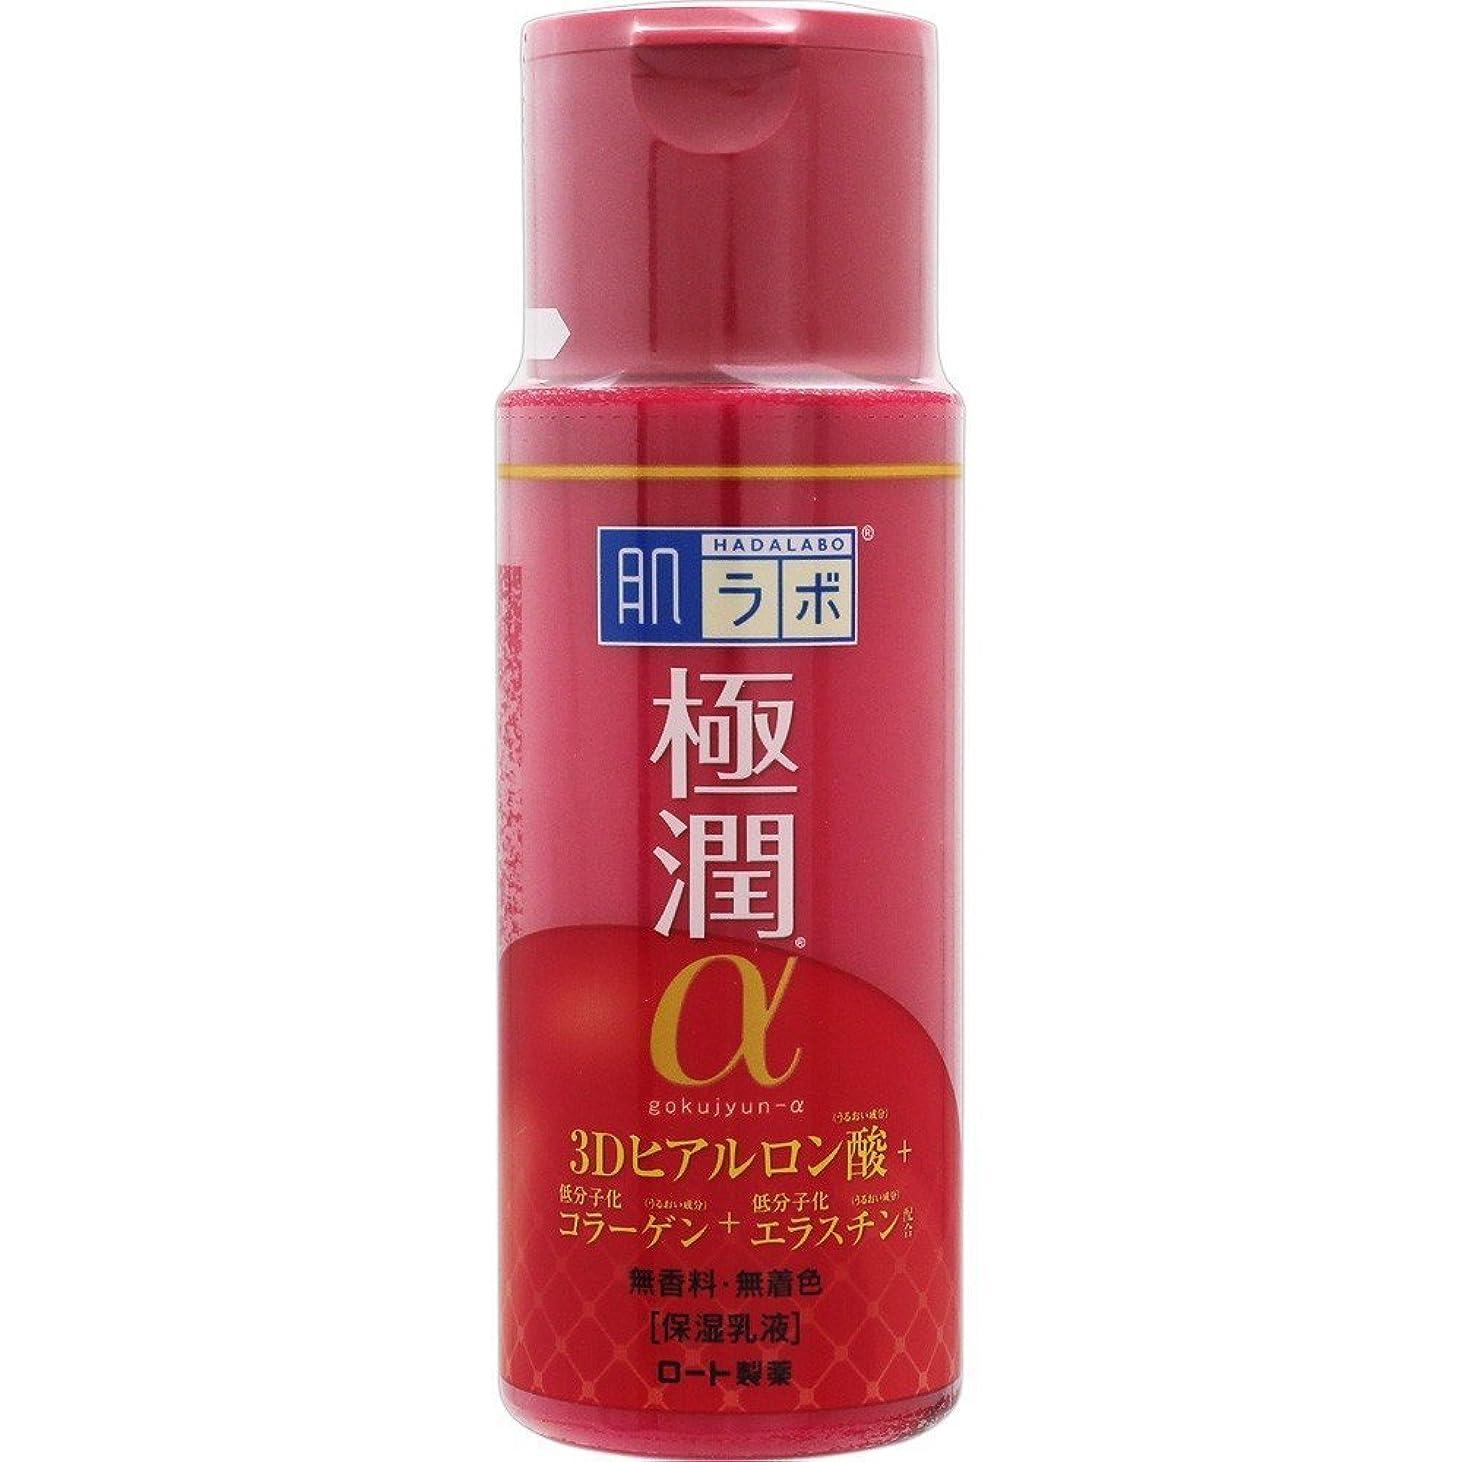 ピンク防水脳肌ラボ 極潤α ハリ乳液 140mL